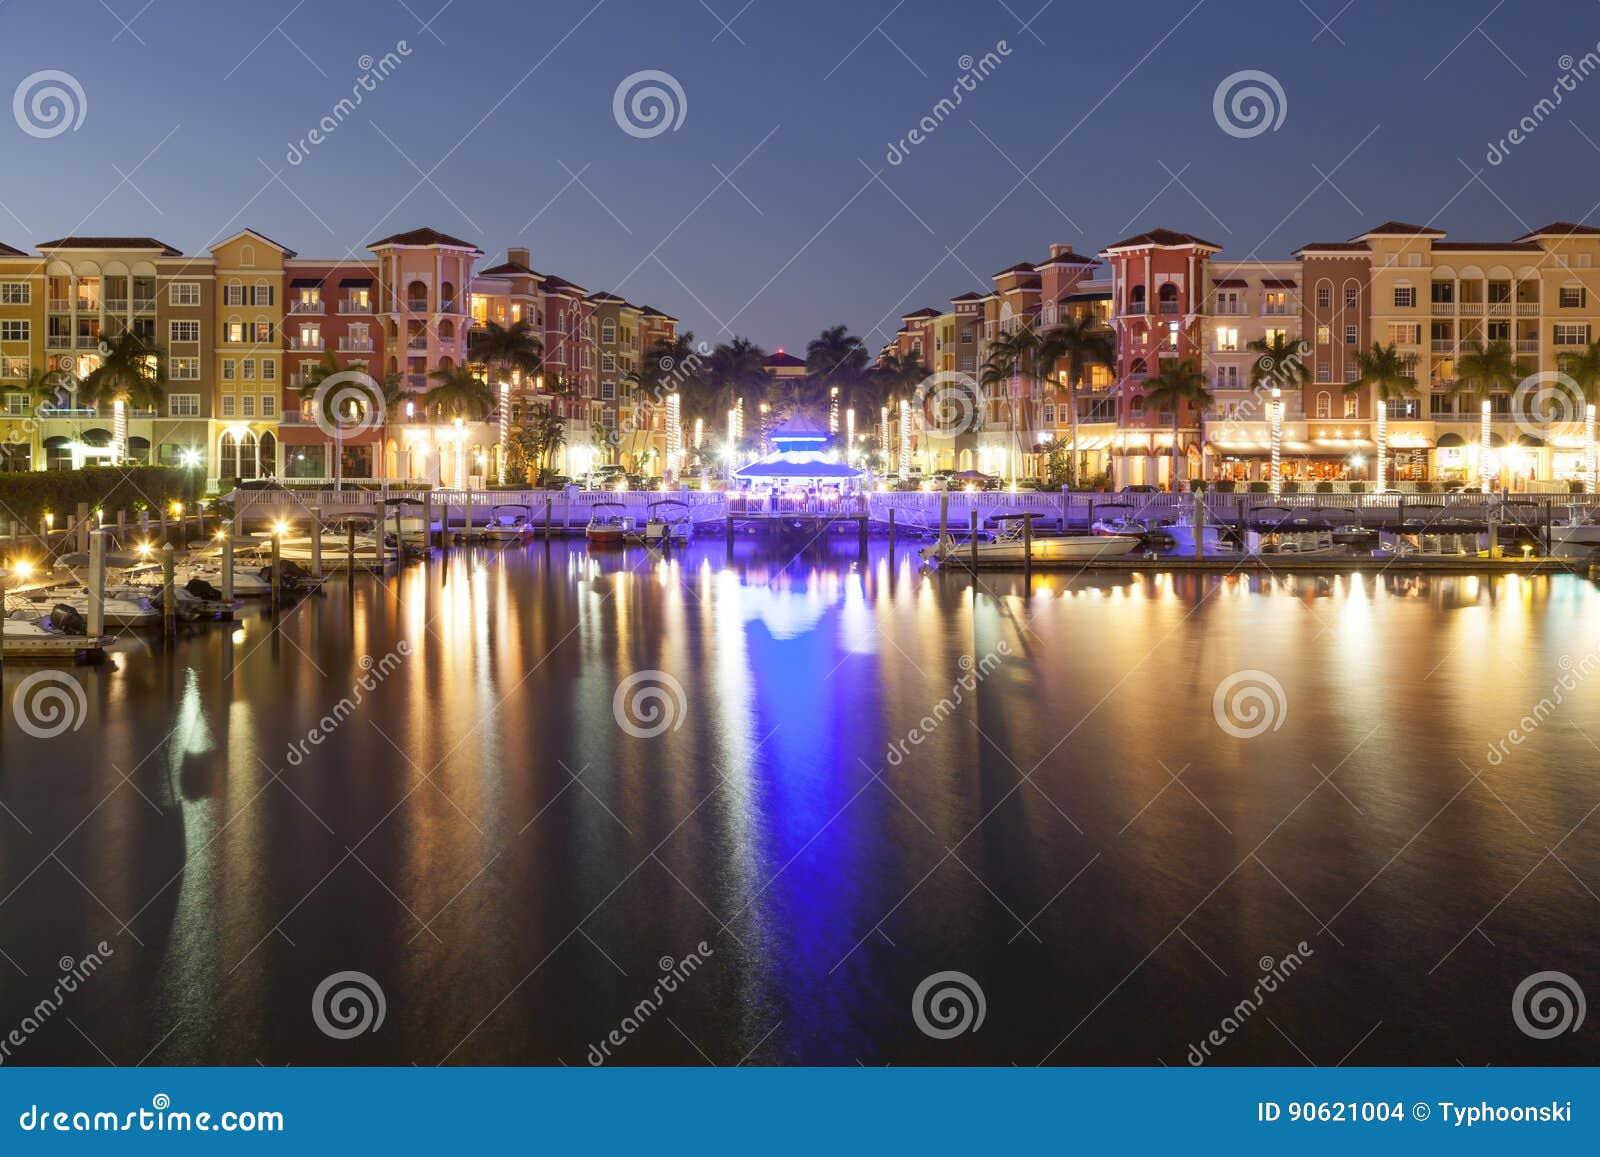 Stadt von Neapel nachts Florida, Vereinigte Staaten